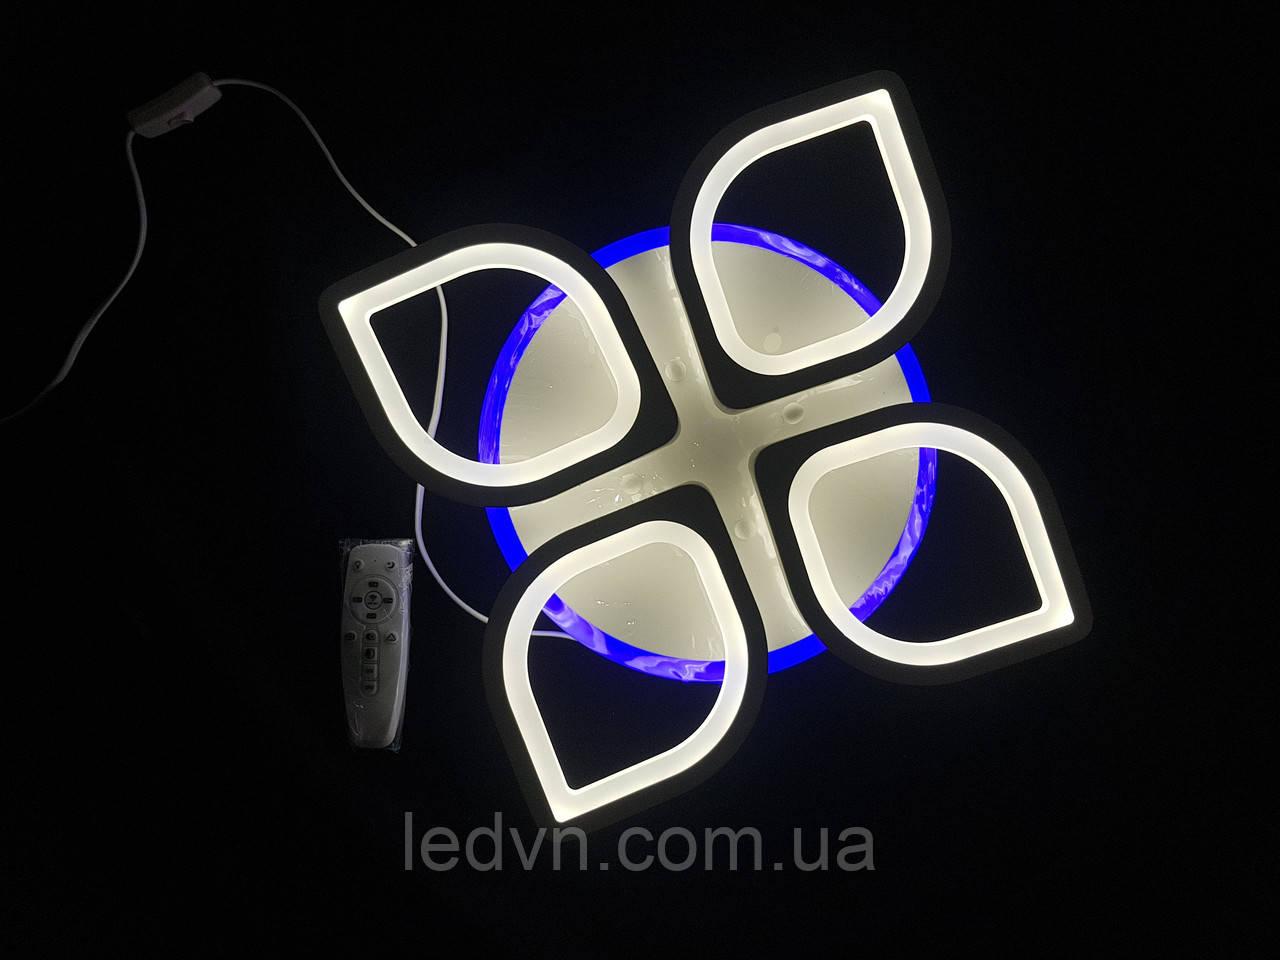 Світлодіодна люстра led dimmer біла з синім підсвічуванням